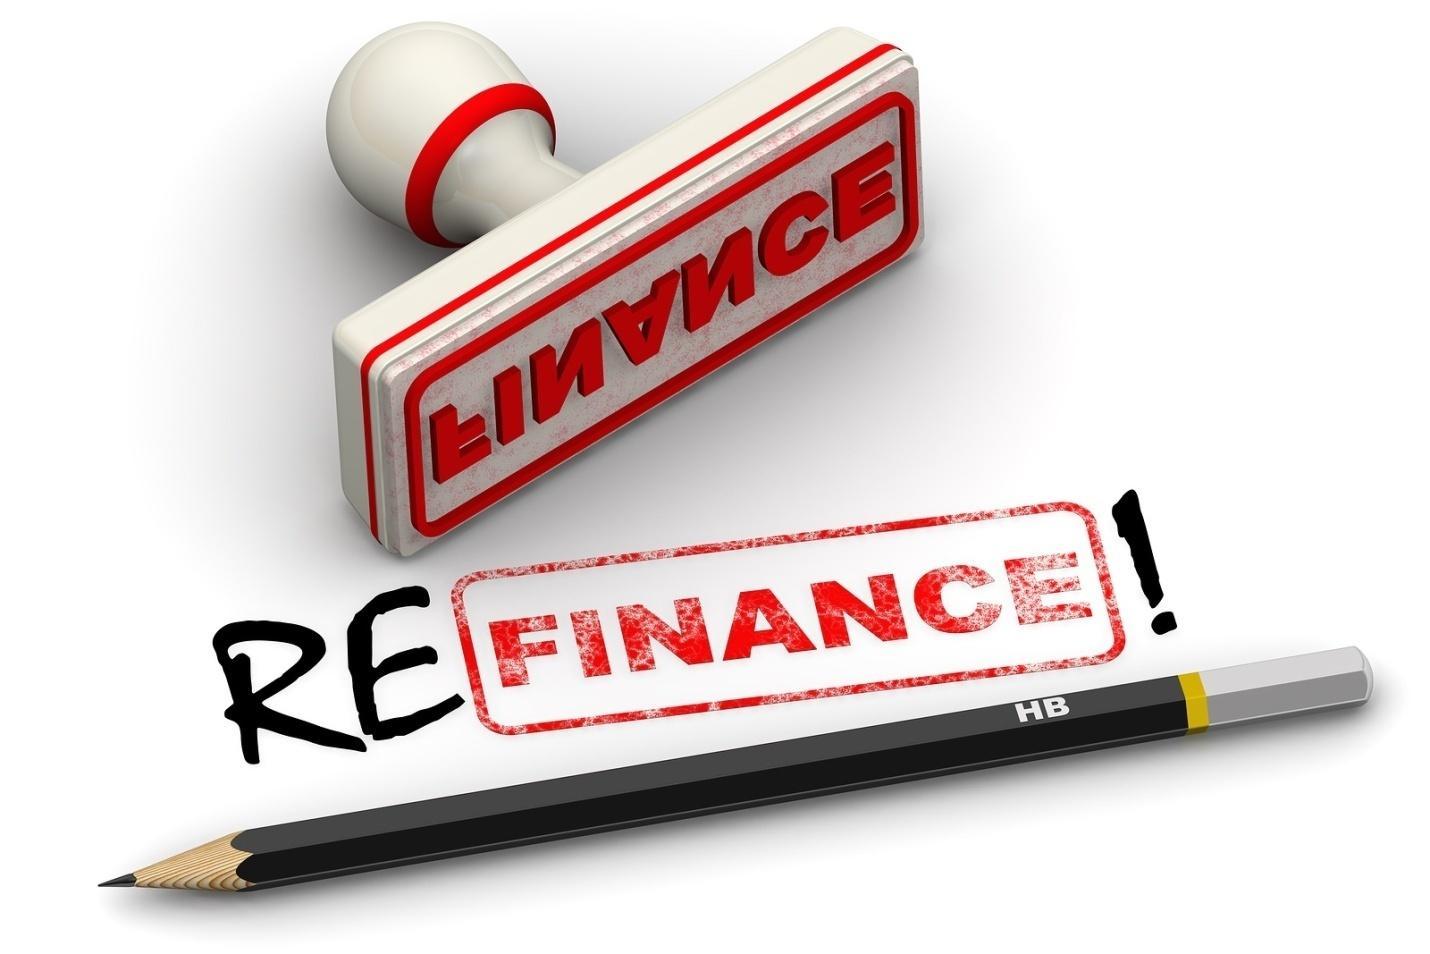 Refinance your debt